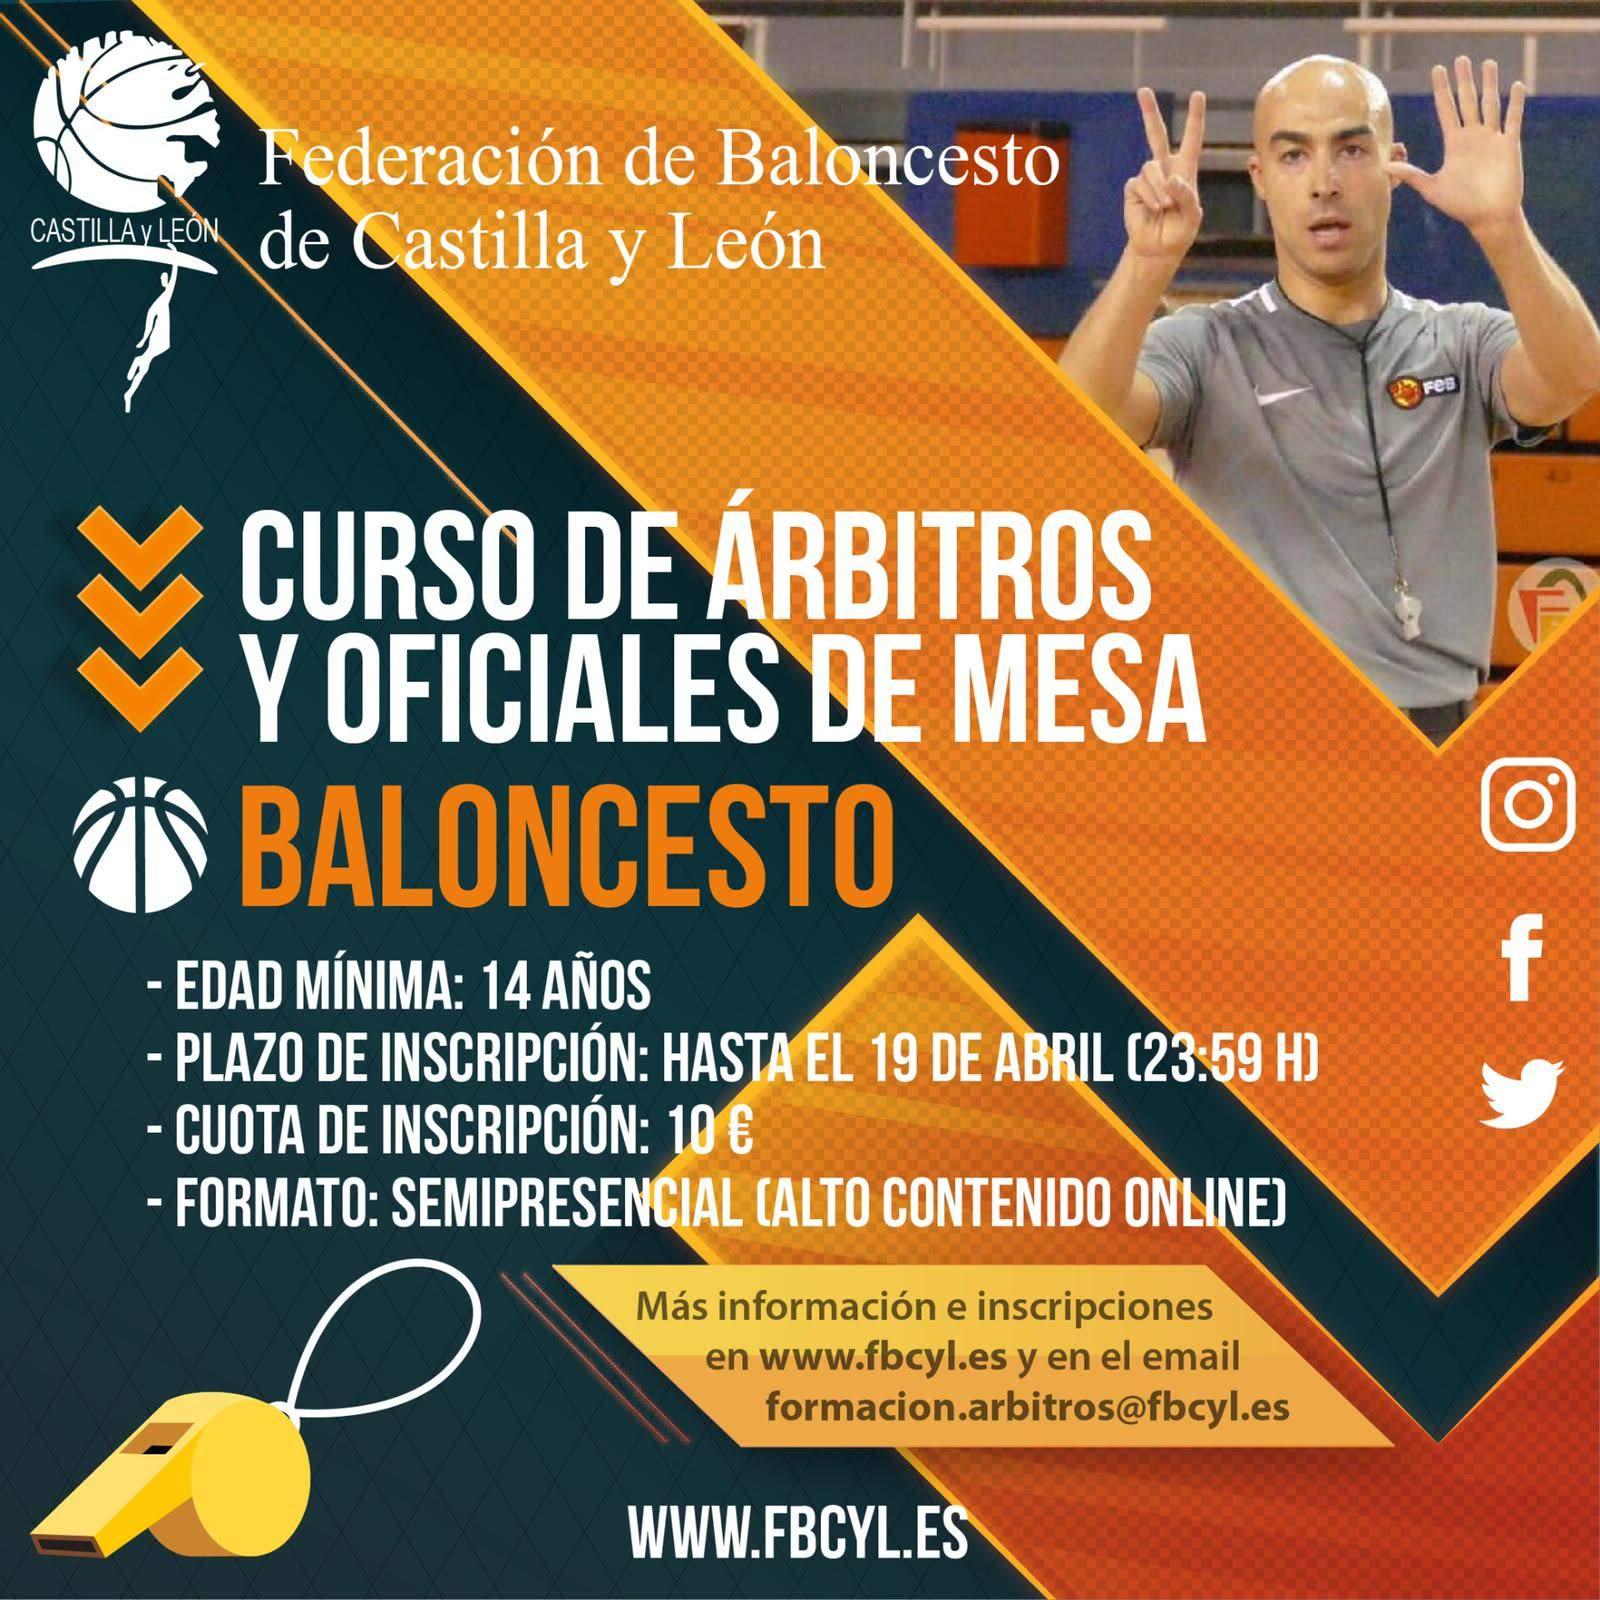 CURSO ON LINE DE ARBITROS Y OFICIALES DE MESA 2020 IMPARTIDO POR LA FEDERACIÓN DE BALONCESTO DE CASTILLA Y LEÓN